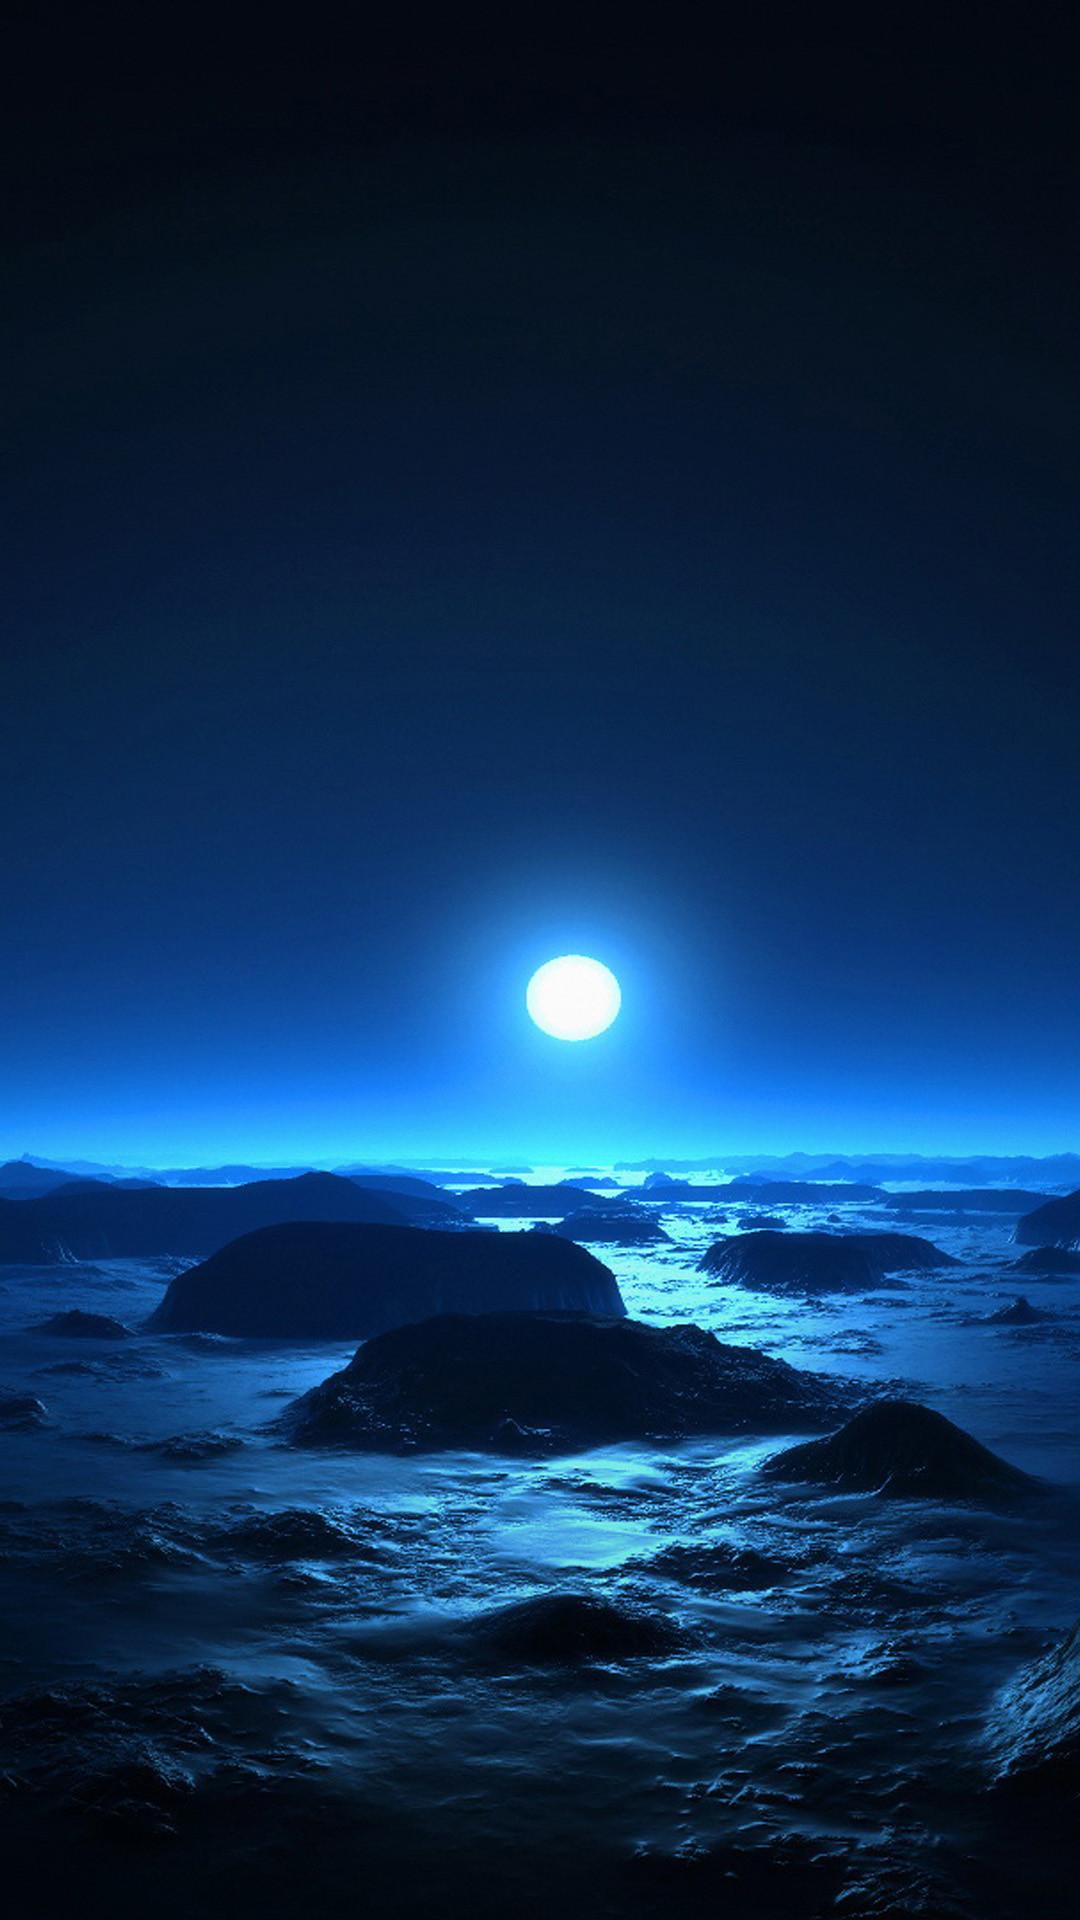 Alien Moon Over Ocean Rock Beach Cold Moonlight iPhone 6 wallpaper